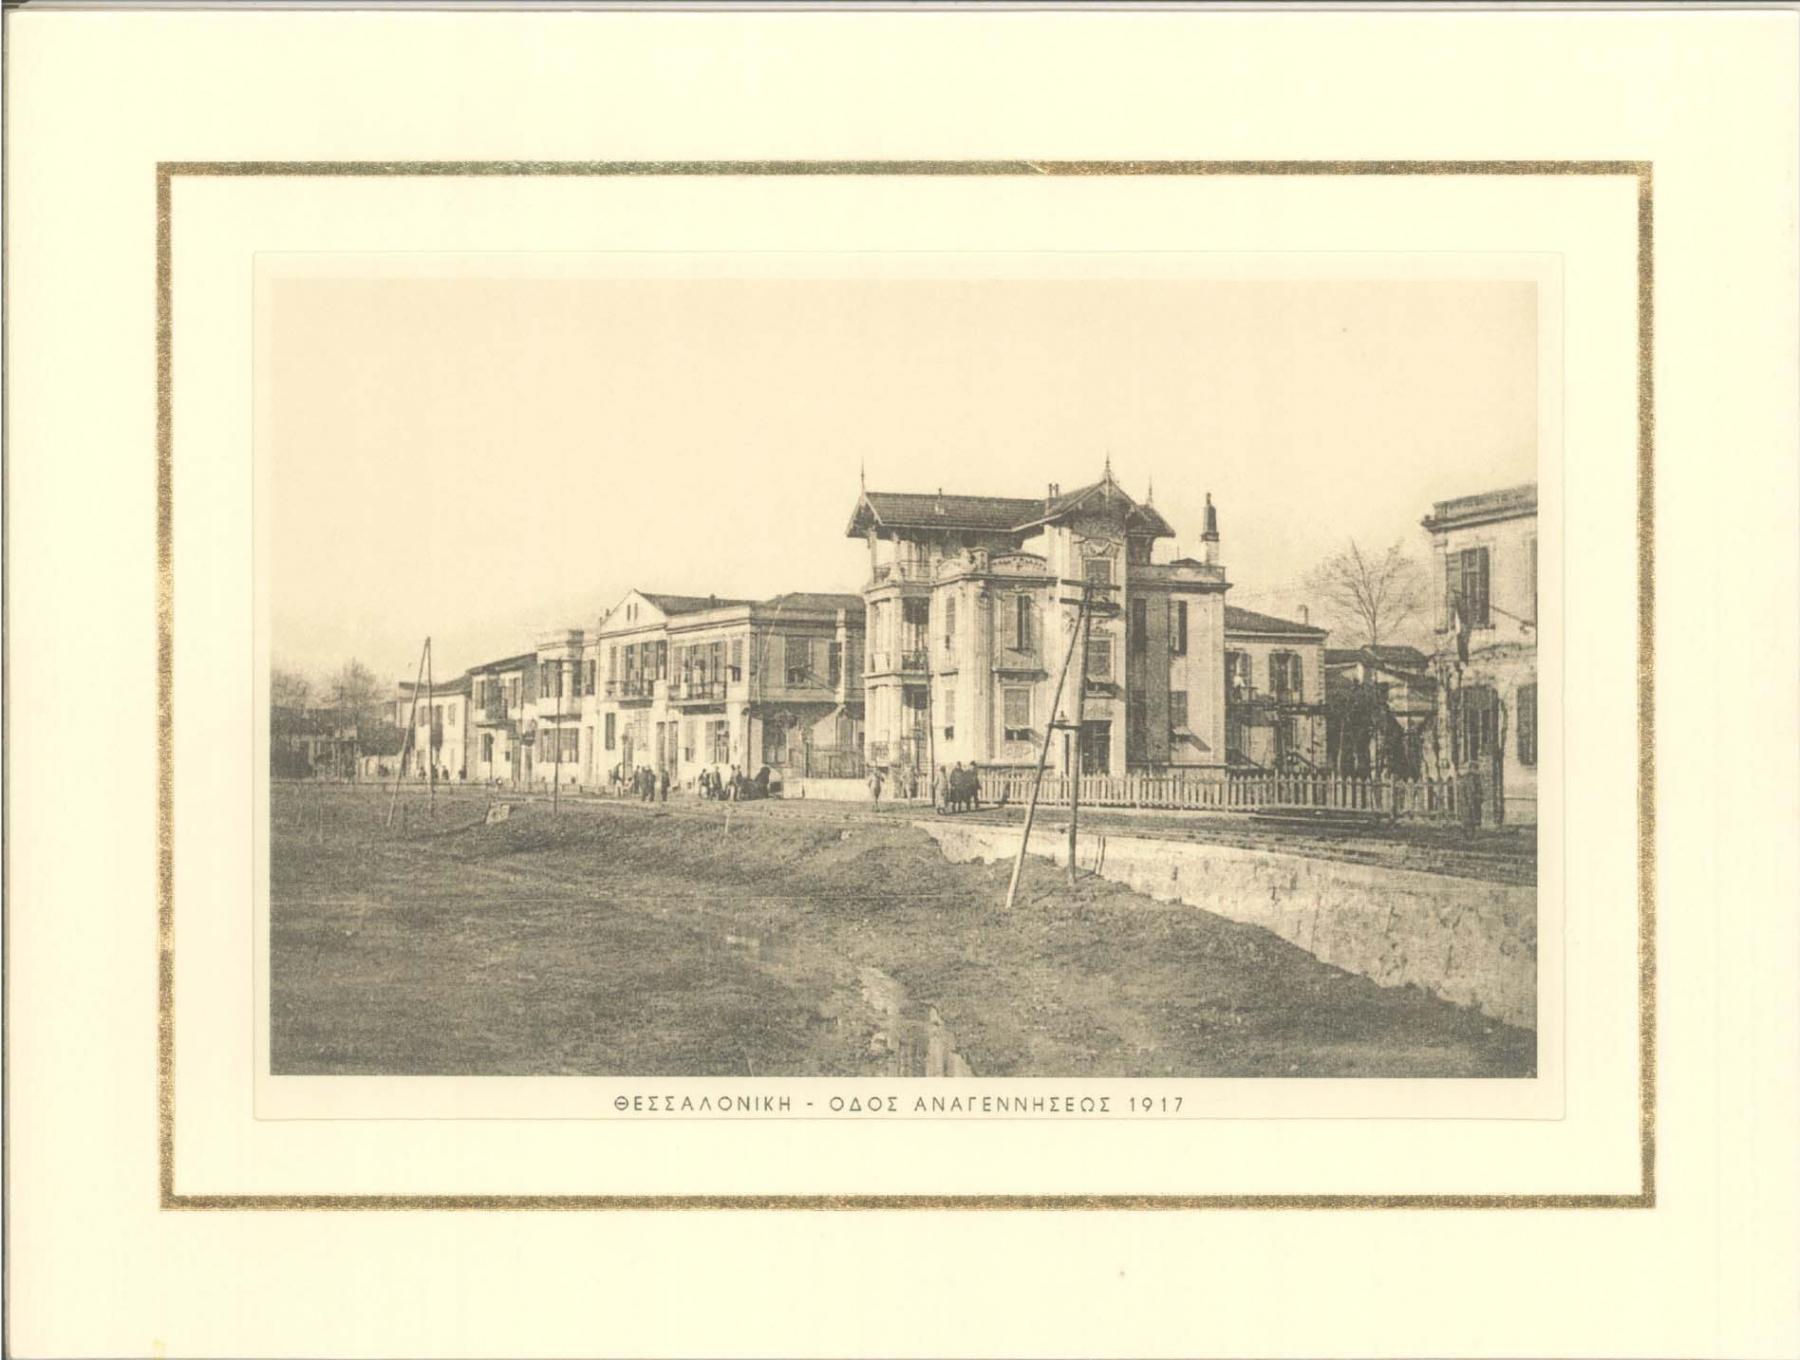 Γκραβούρα που μεταξύ άλλων απεικονίζει και την Βίλα Πετρίδη, από το 1917 - Αρχείο Δήμου